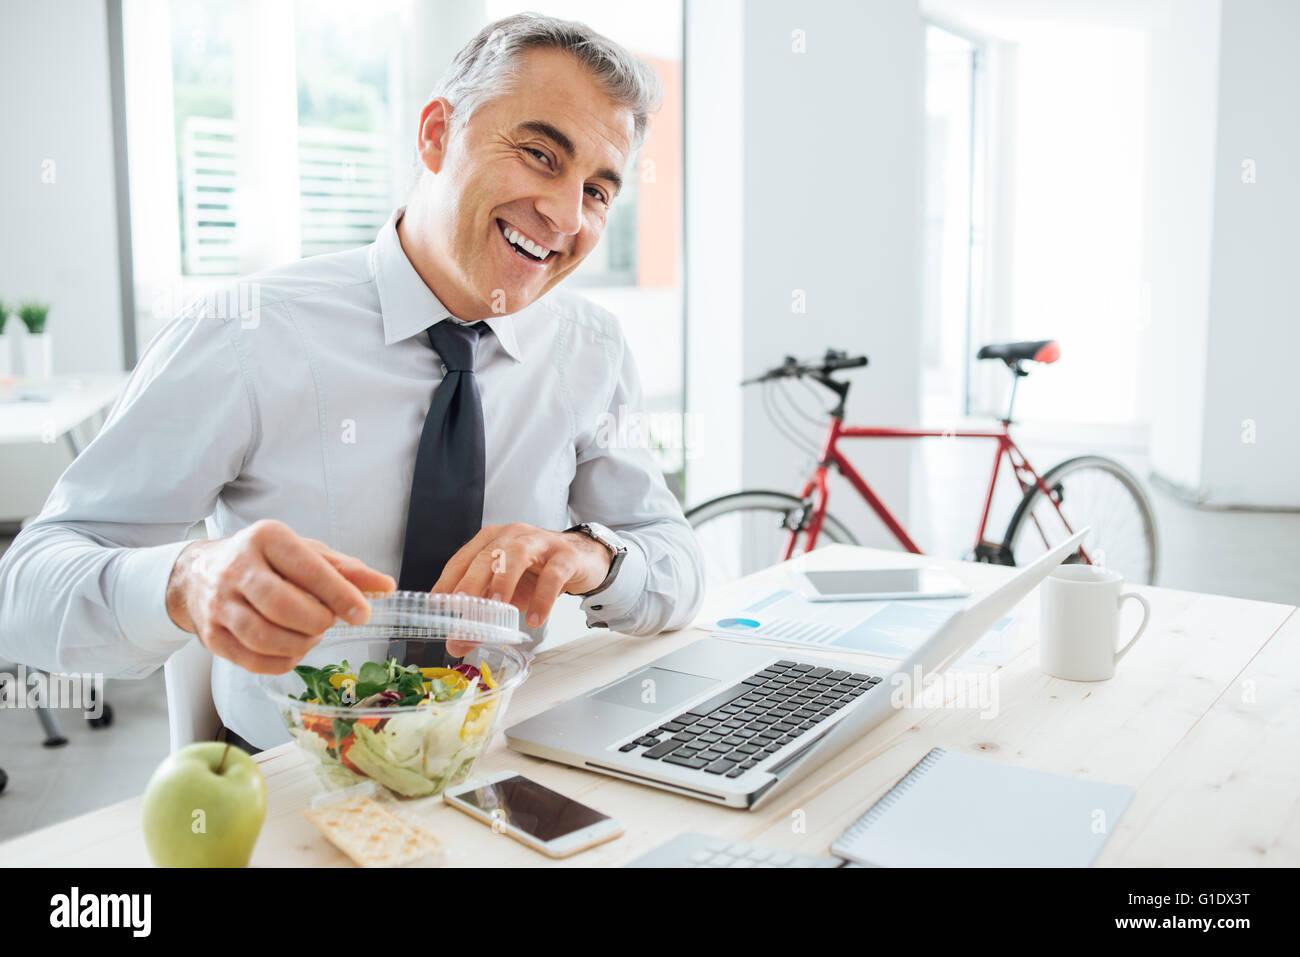 Portrait d'ouvrir son paquet de salade et d'avoir une pause déjeuner au bureau 24 Photo Stock